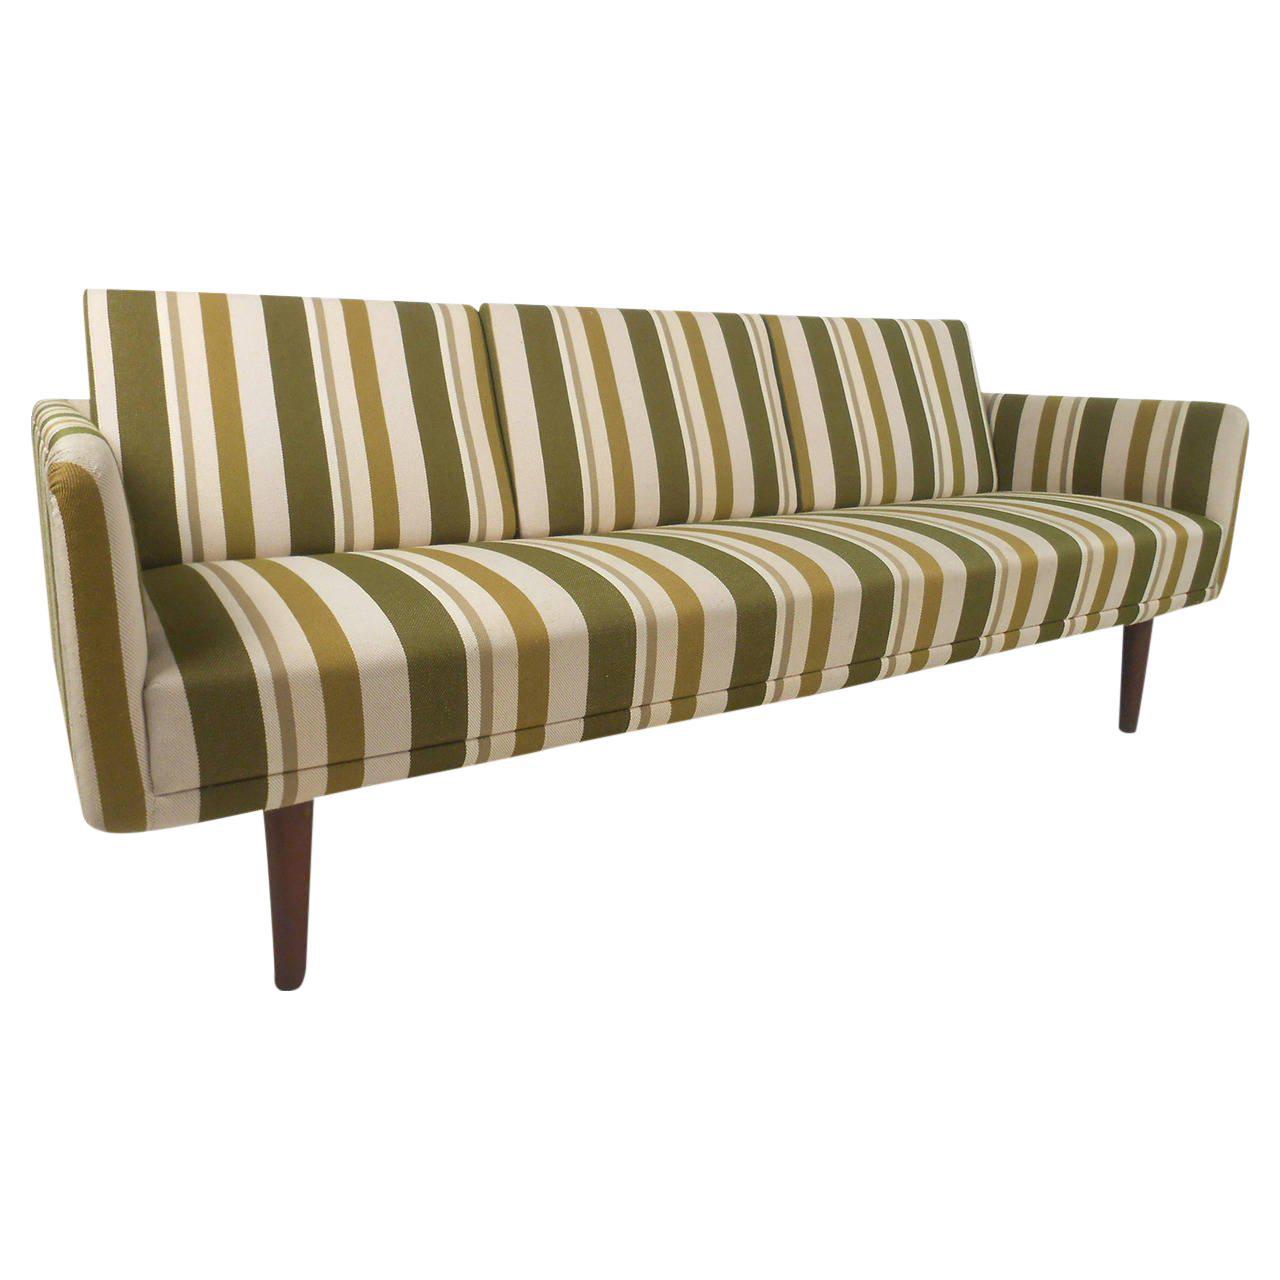 Mid-Century Danish Sofa Attributed to Børge Mogensen | Chairish